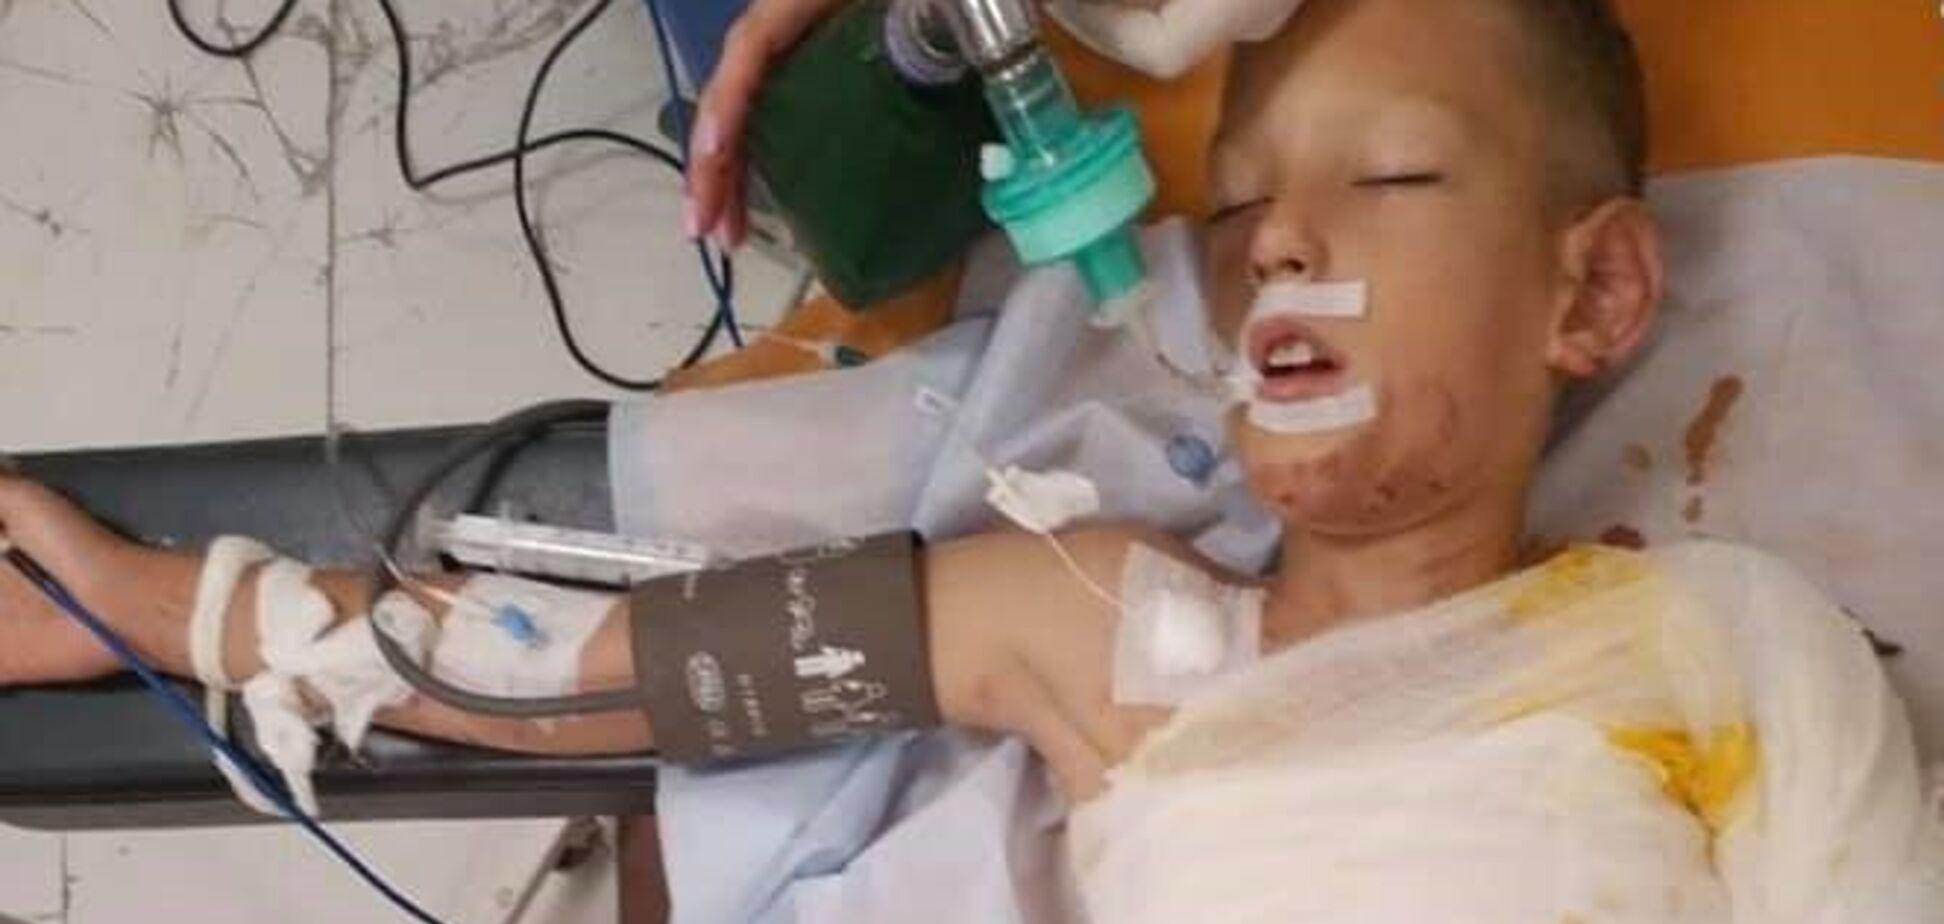 Підпалили під час гри: поліція розкрила подробиці моторошної НП з дитиною в Дніпрі